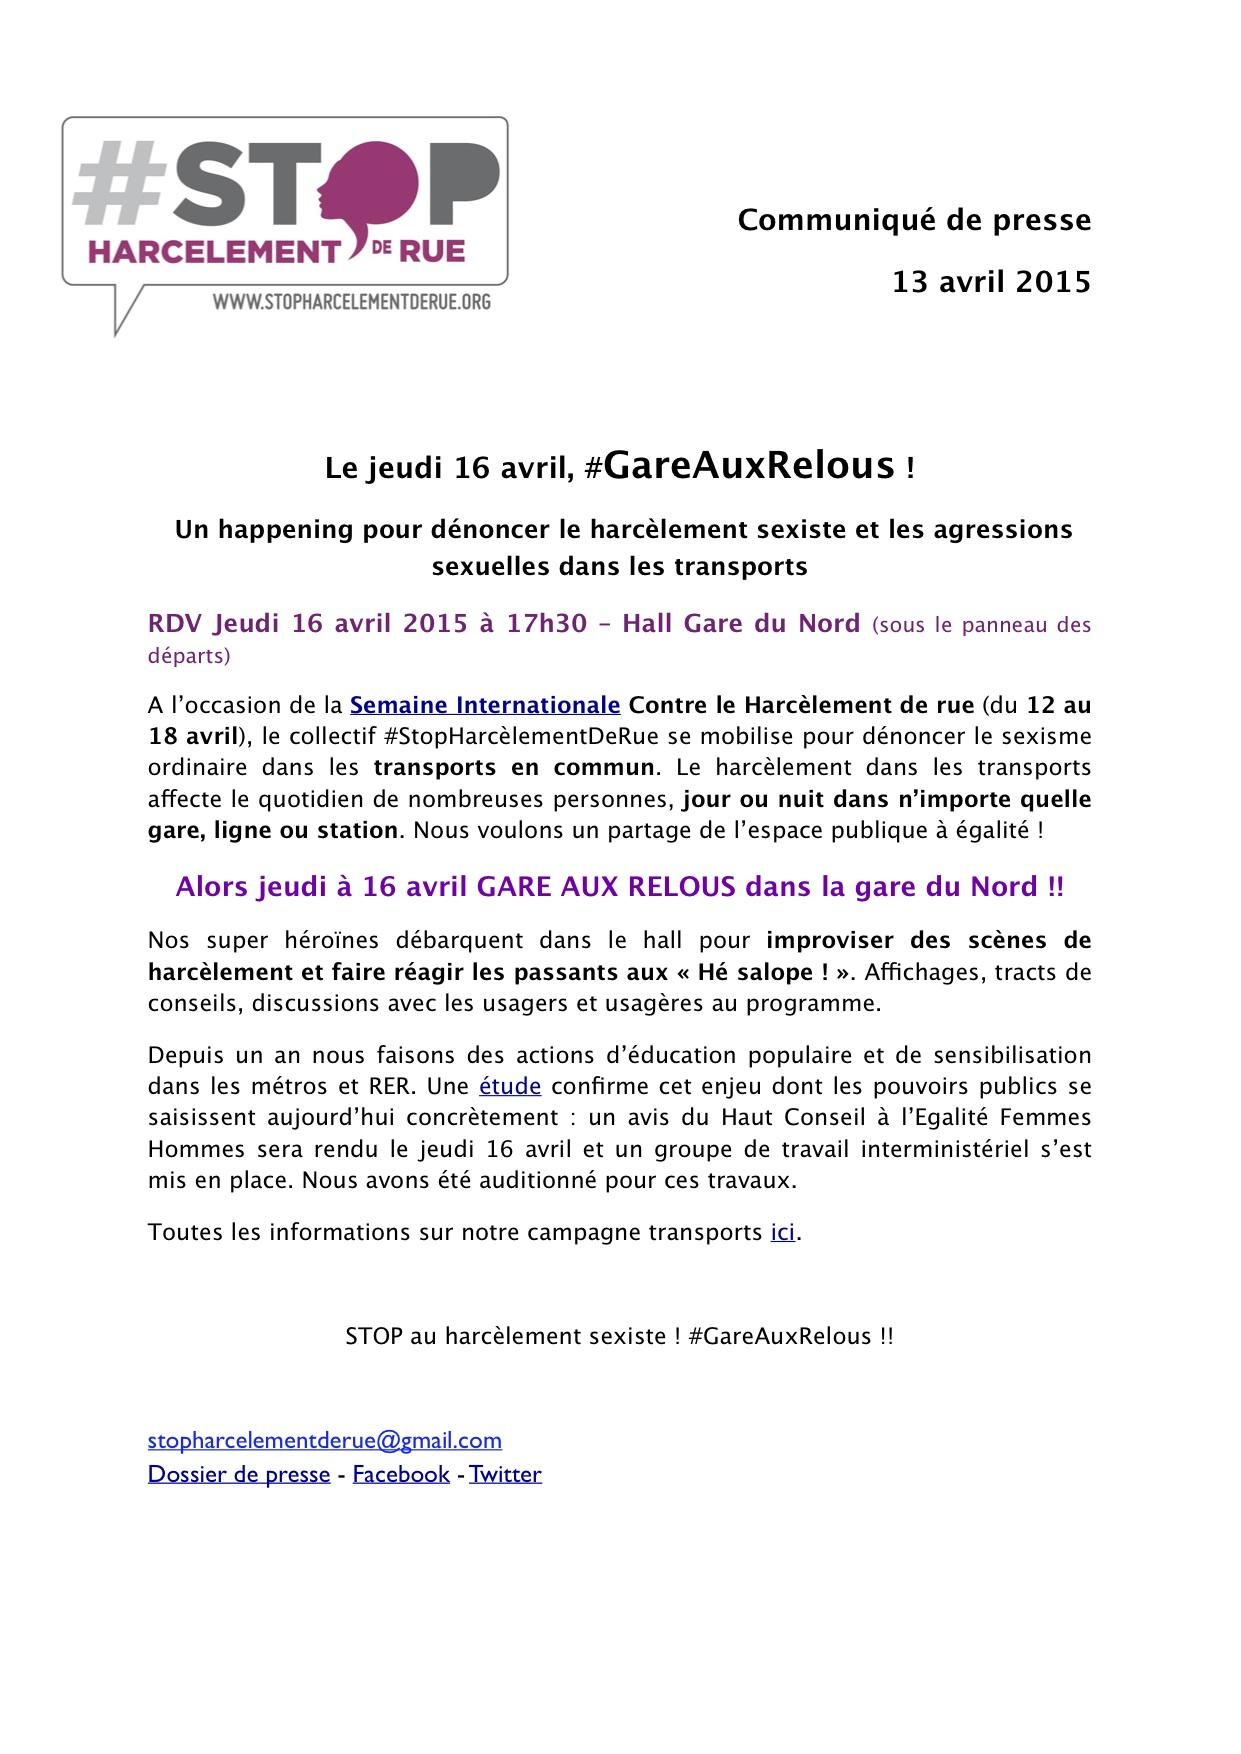 16 avril action Gare aux relous - Stop harcelement de rue